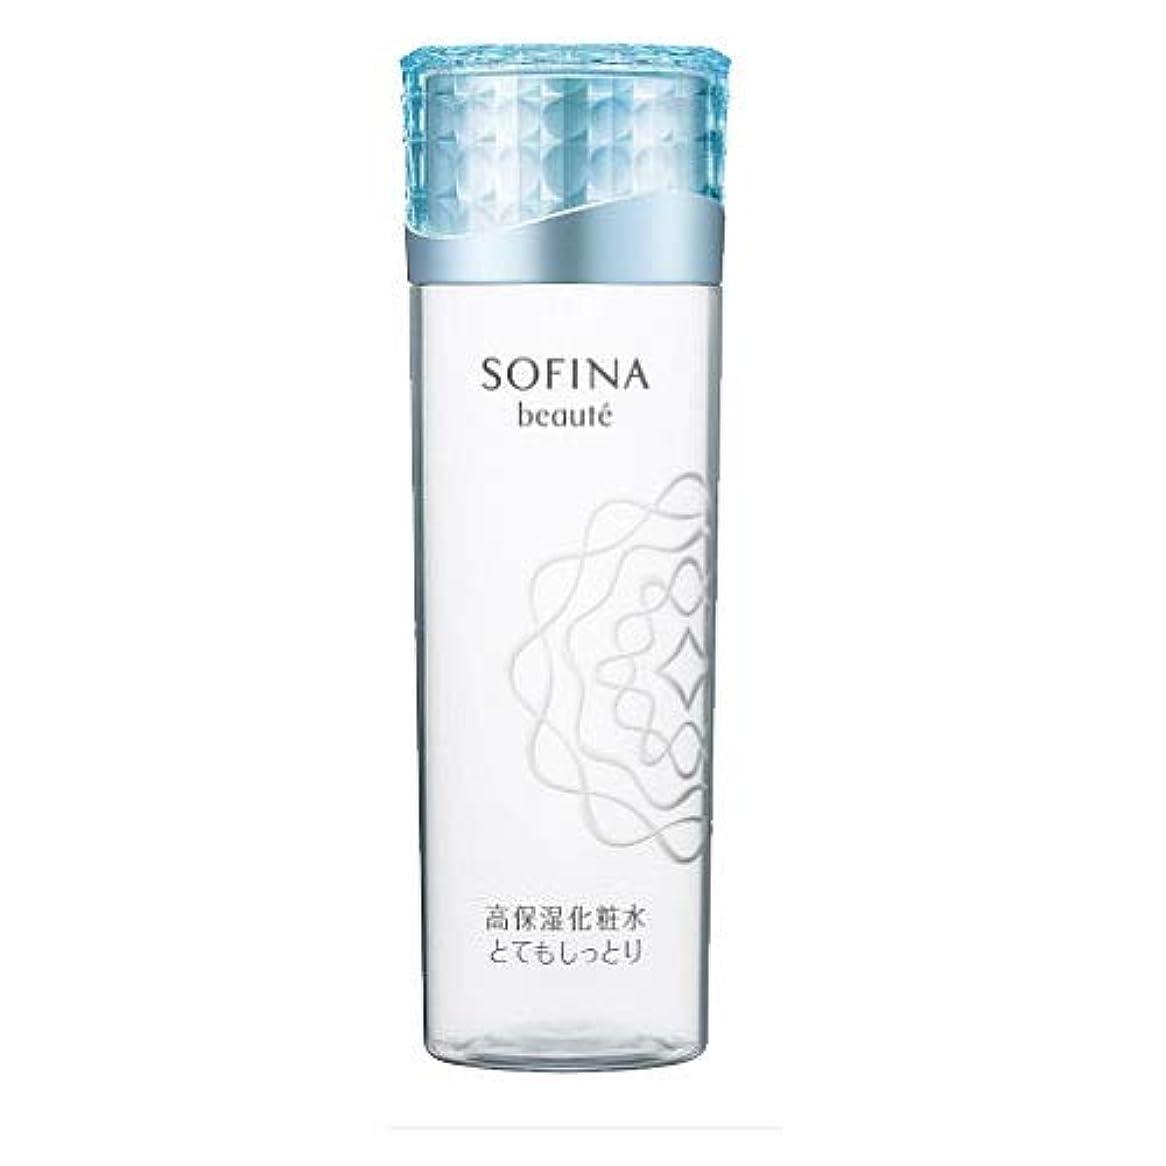 非アクティブ模索前提条件花王 ソフィーナ ボーテ 高保湿化粧水 とてもしっとり 140ml [並行輸入品]